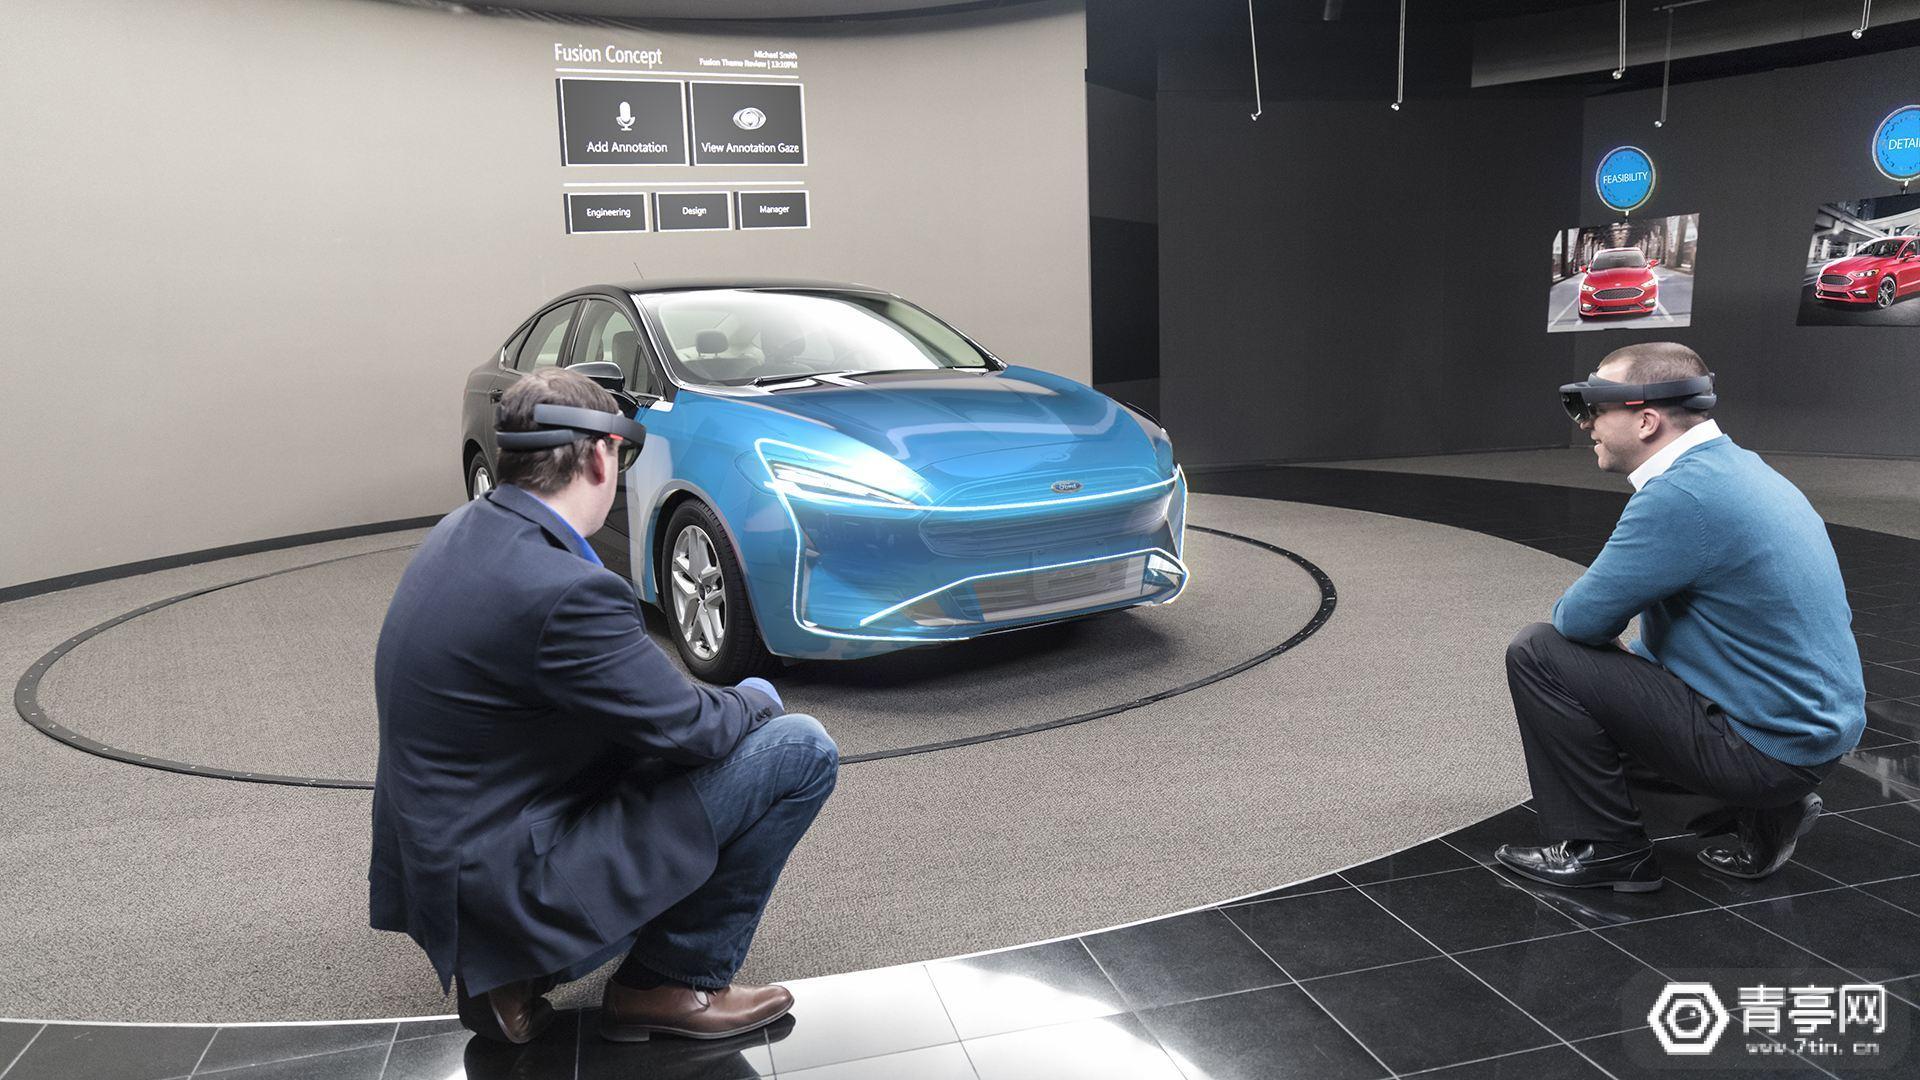 AR/VR初创企业近一年融资额达36亿美元,VR渐向AR转型